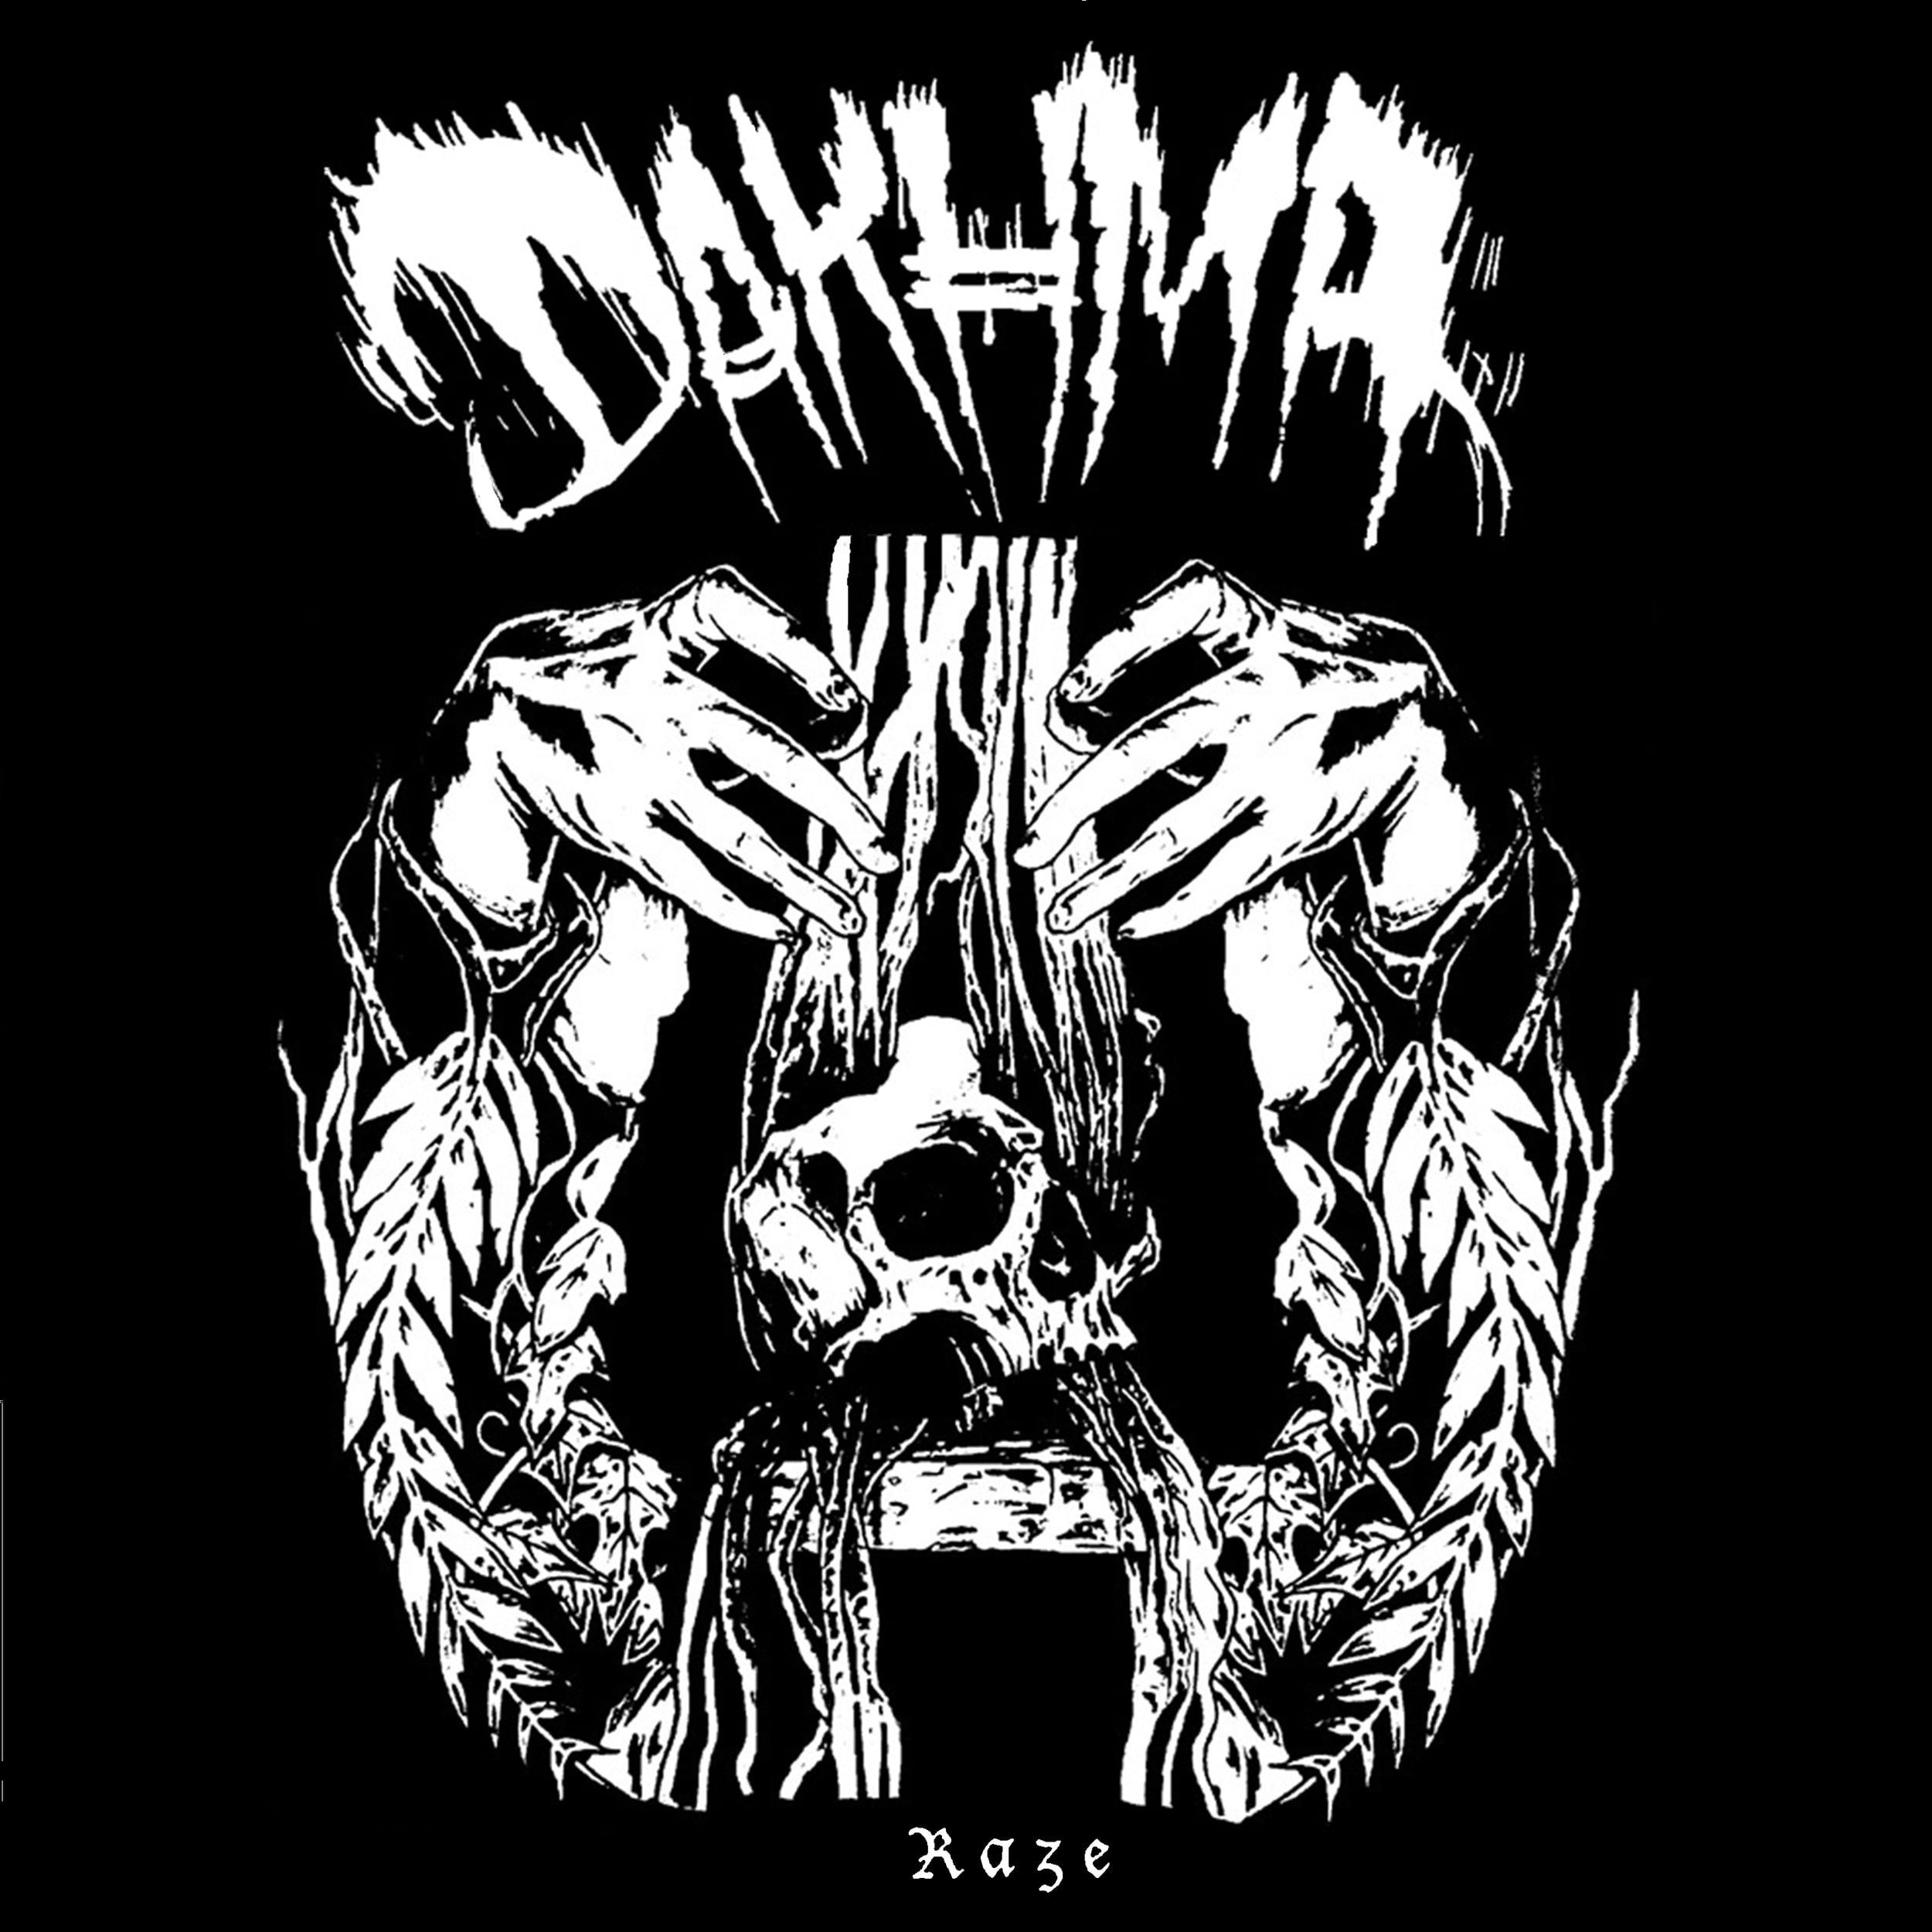 Dakhma - Raze LP - SOLD OUT